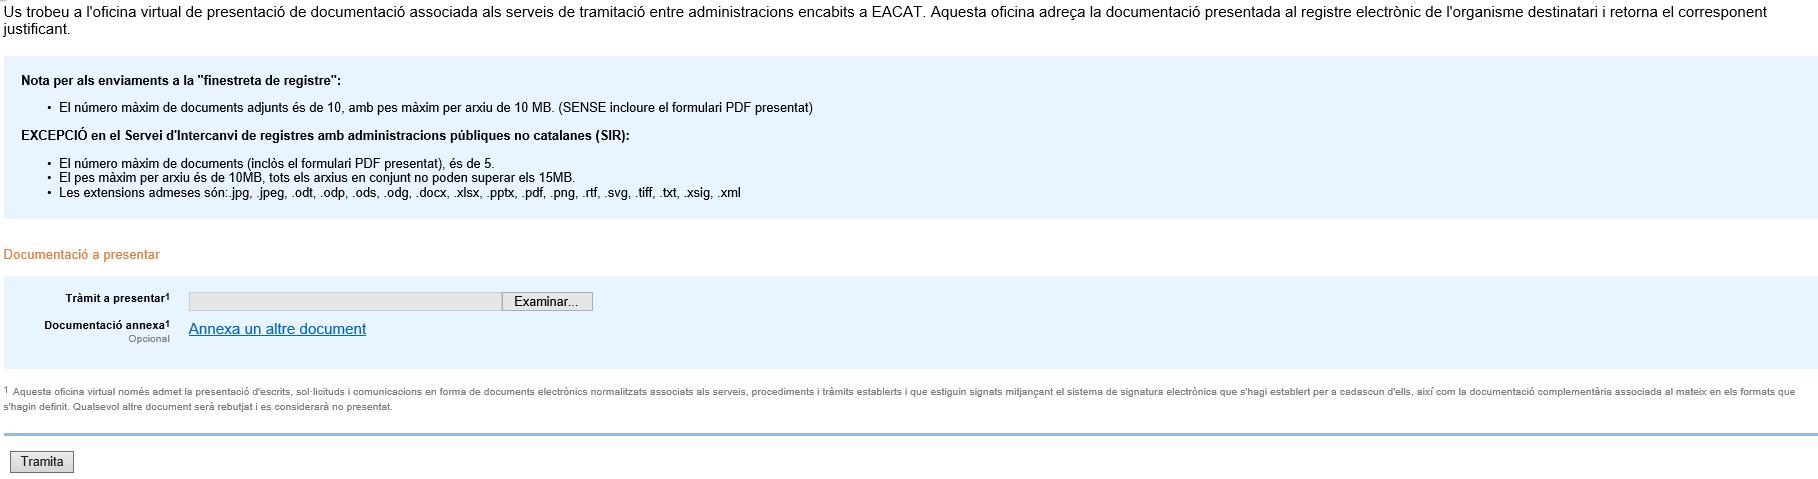 Finestreta de registre d'EACAT